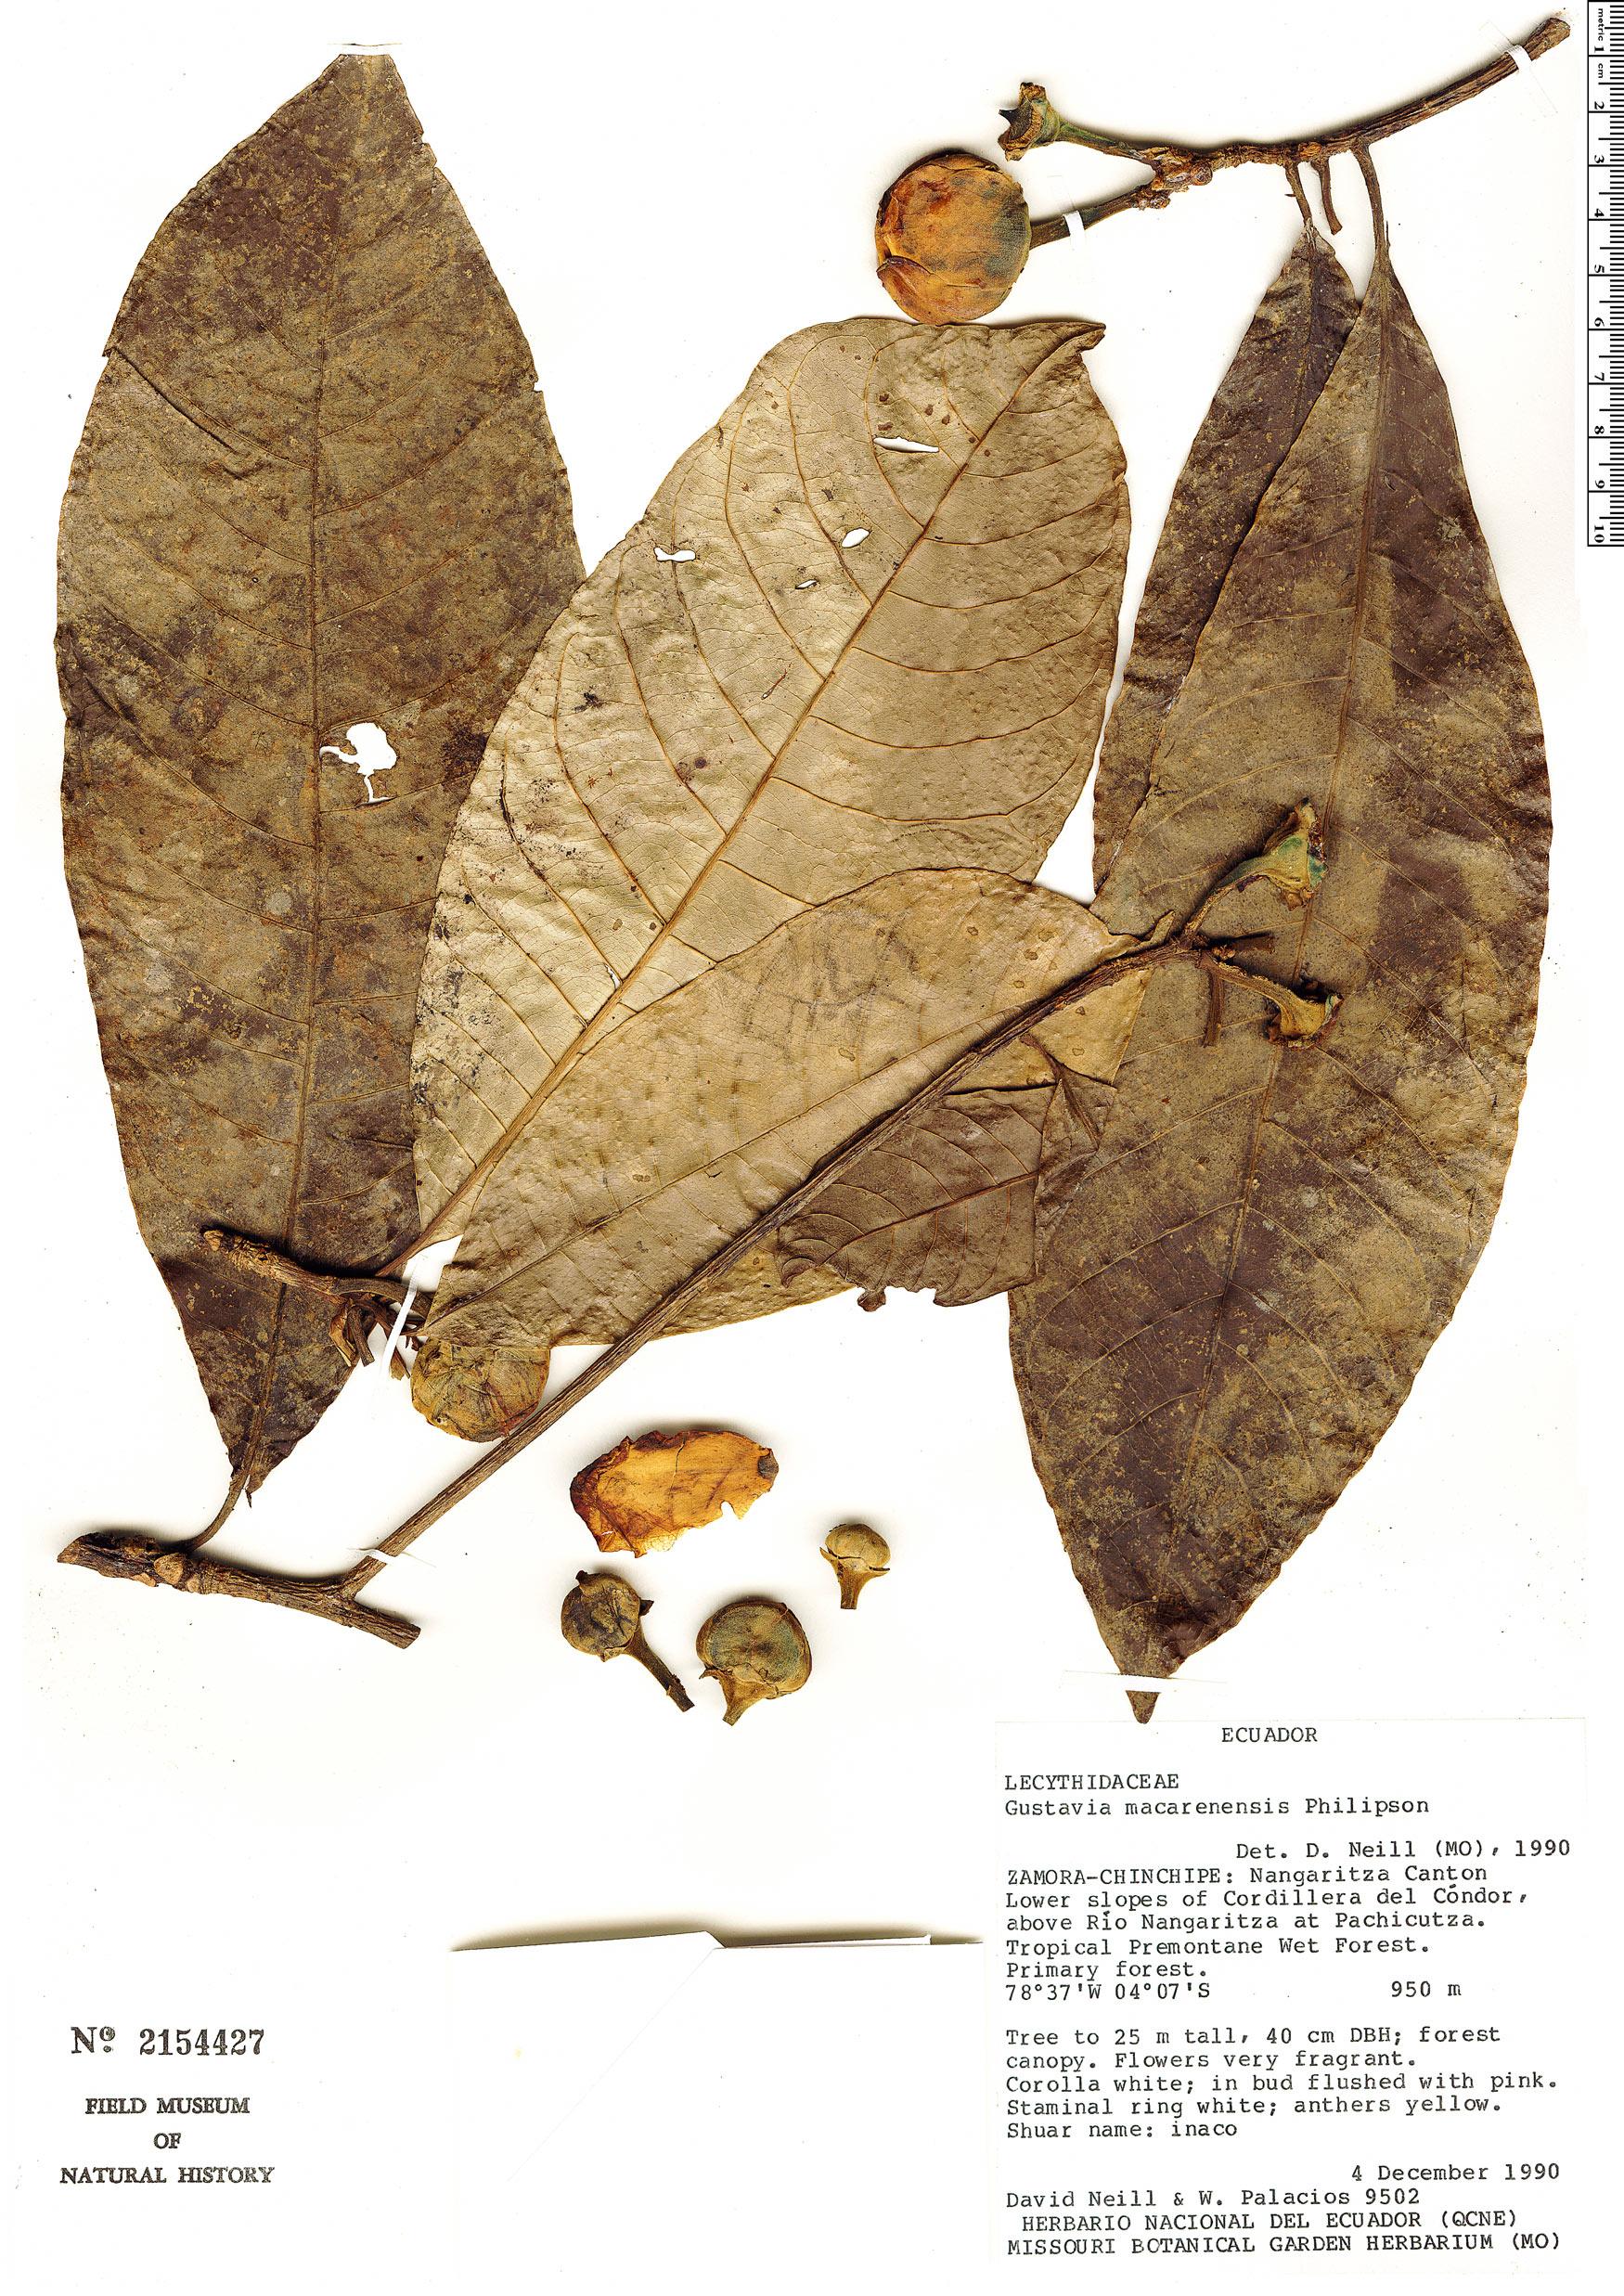 Specimen: Gustavia macarenensis